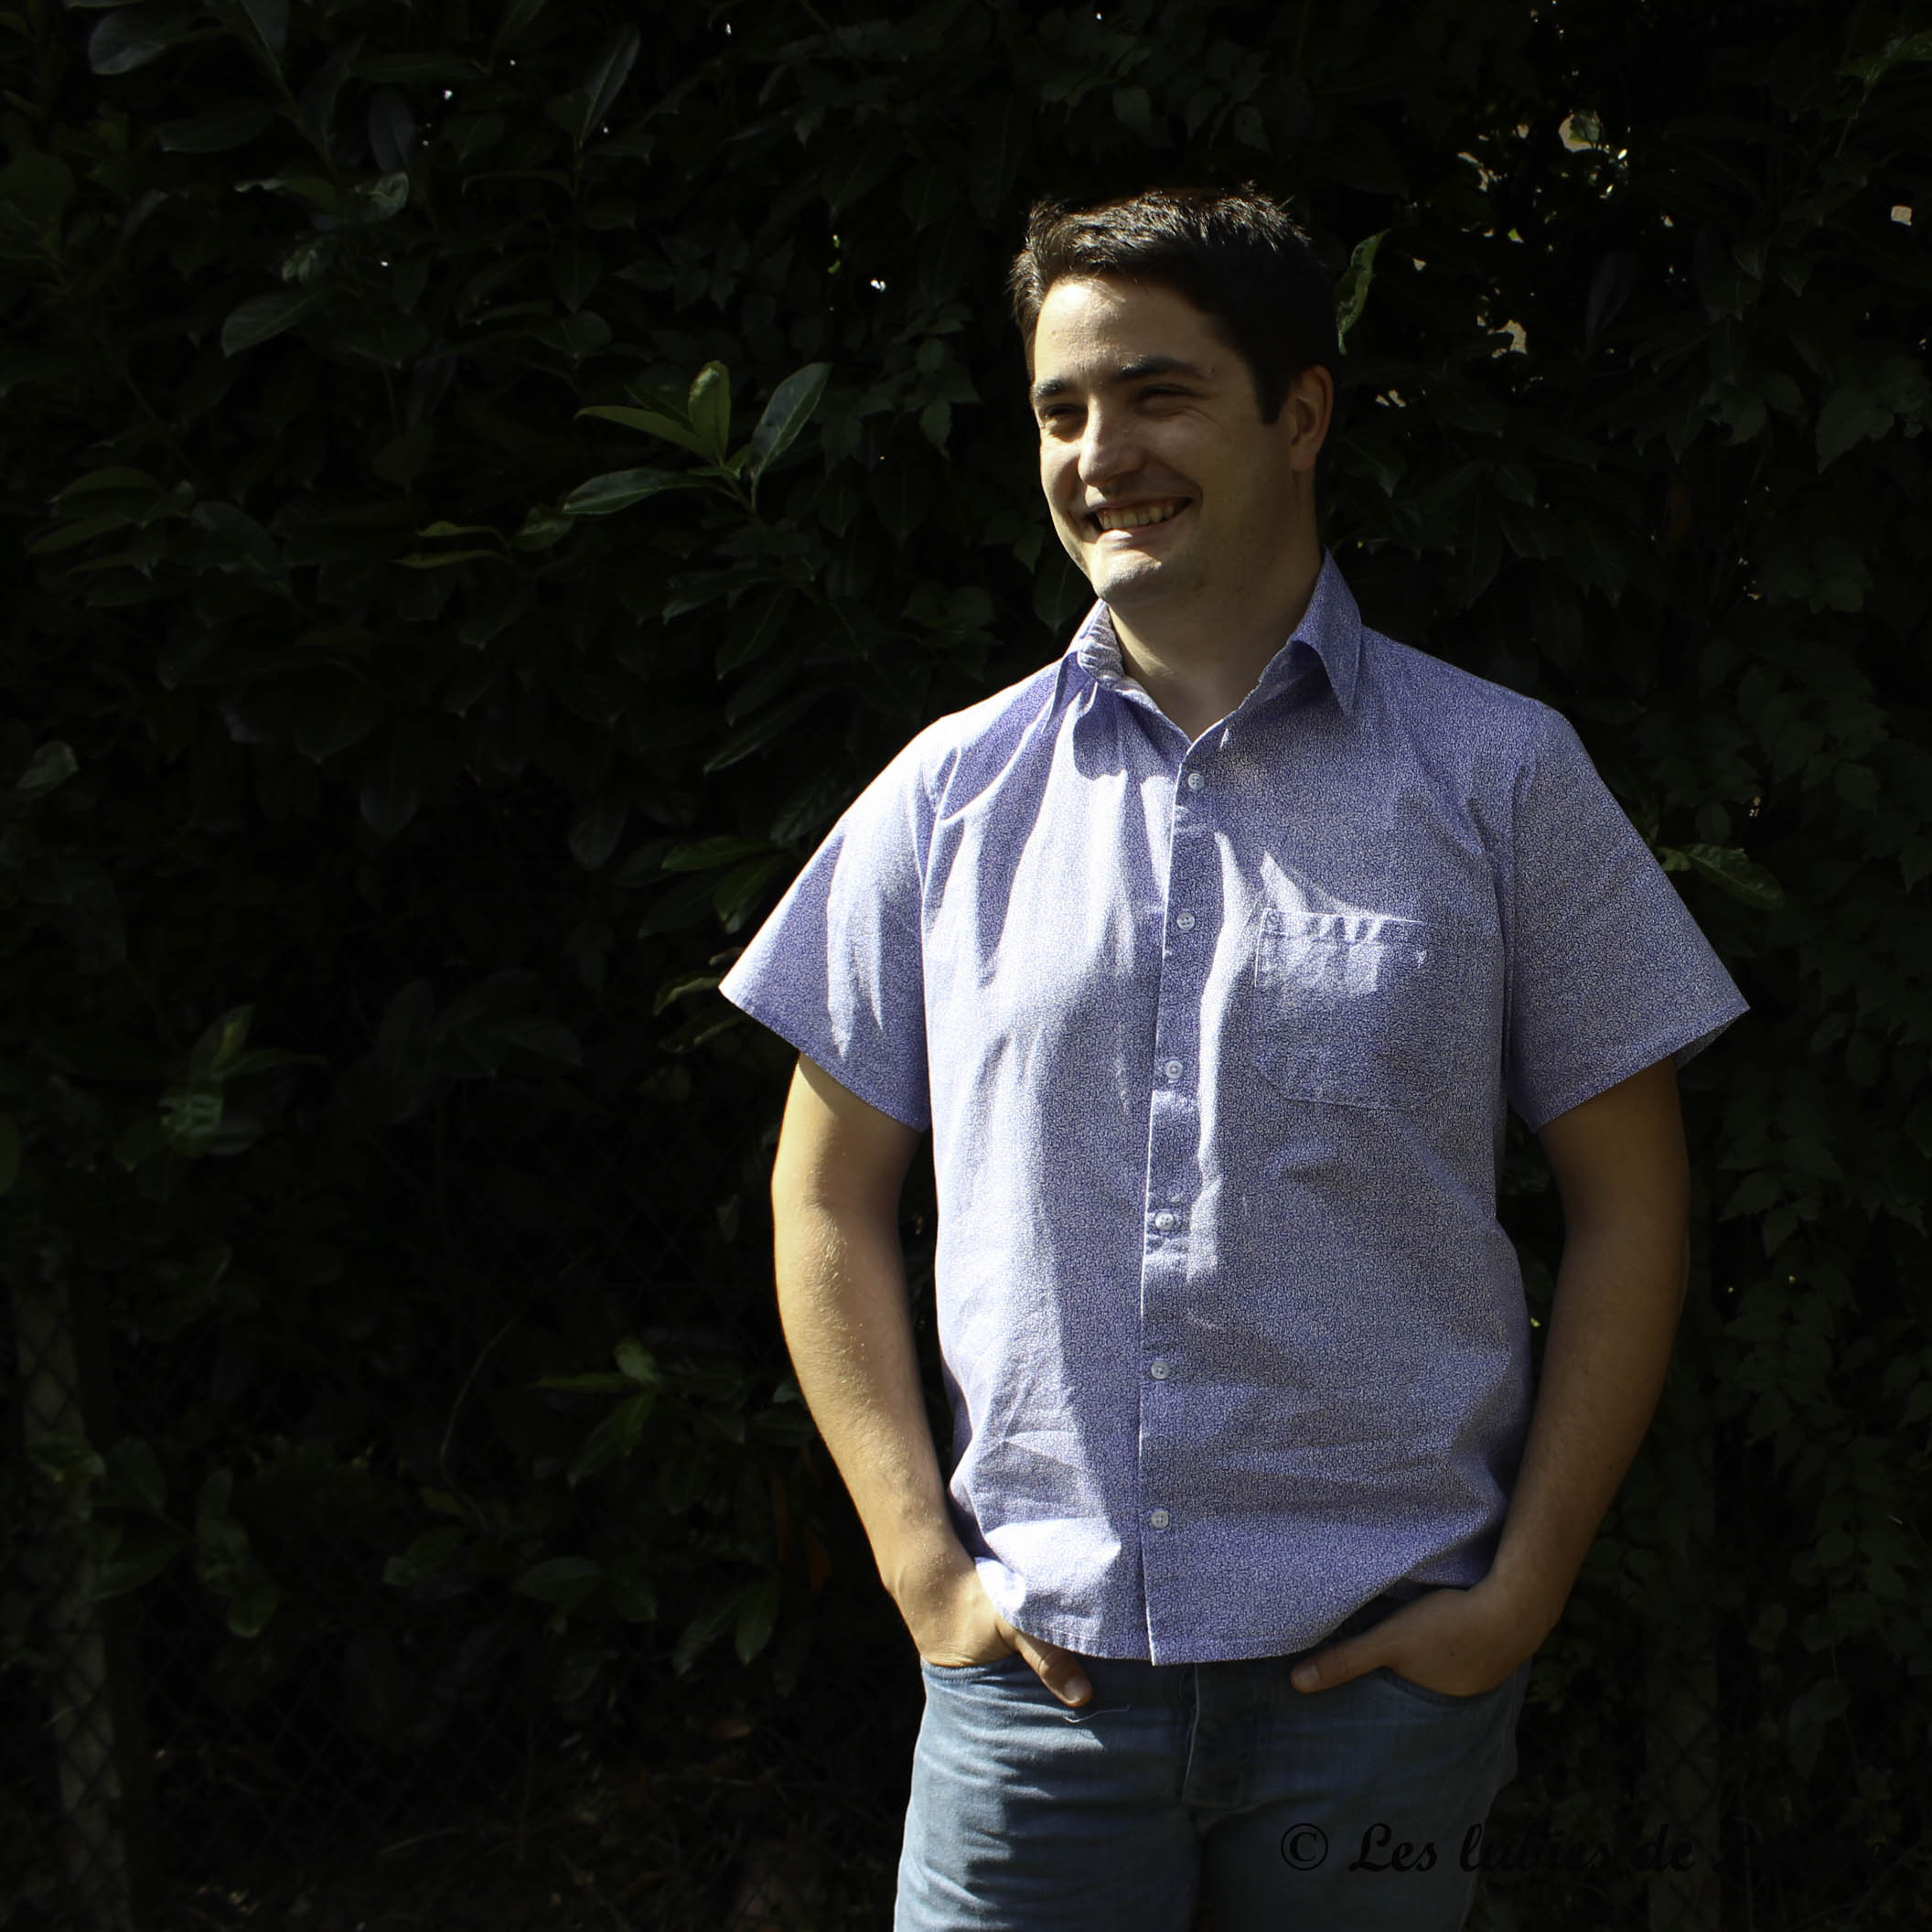 Première chemise d'homme - Les lubies de Louise (5 sur 6)